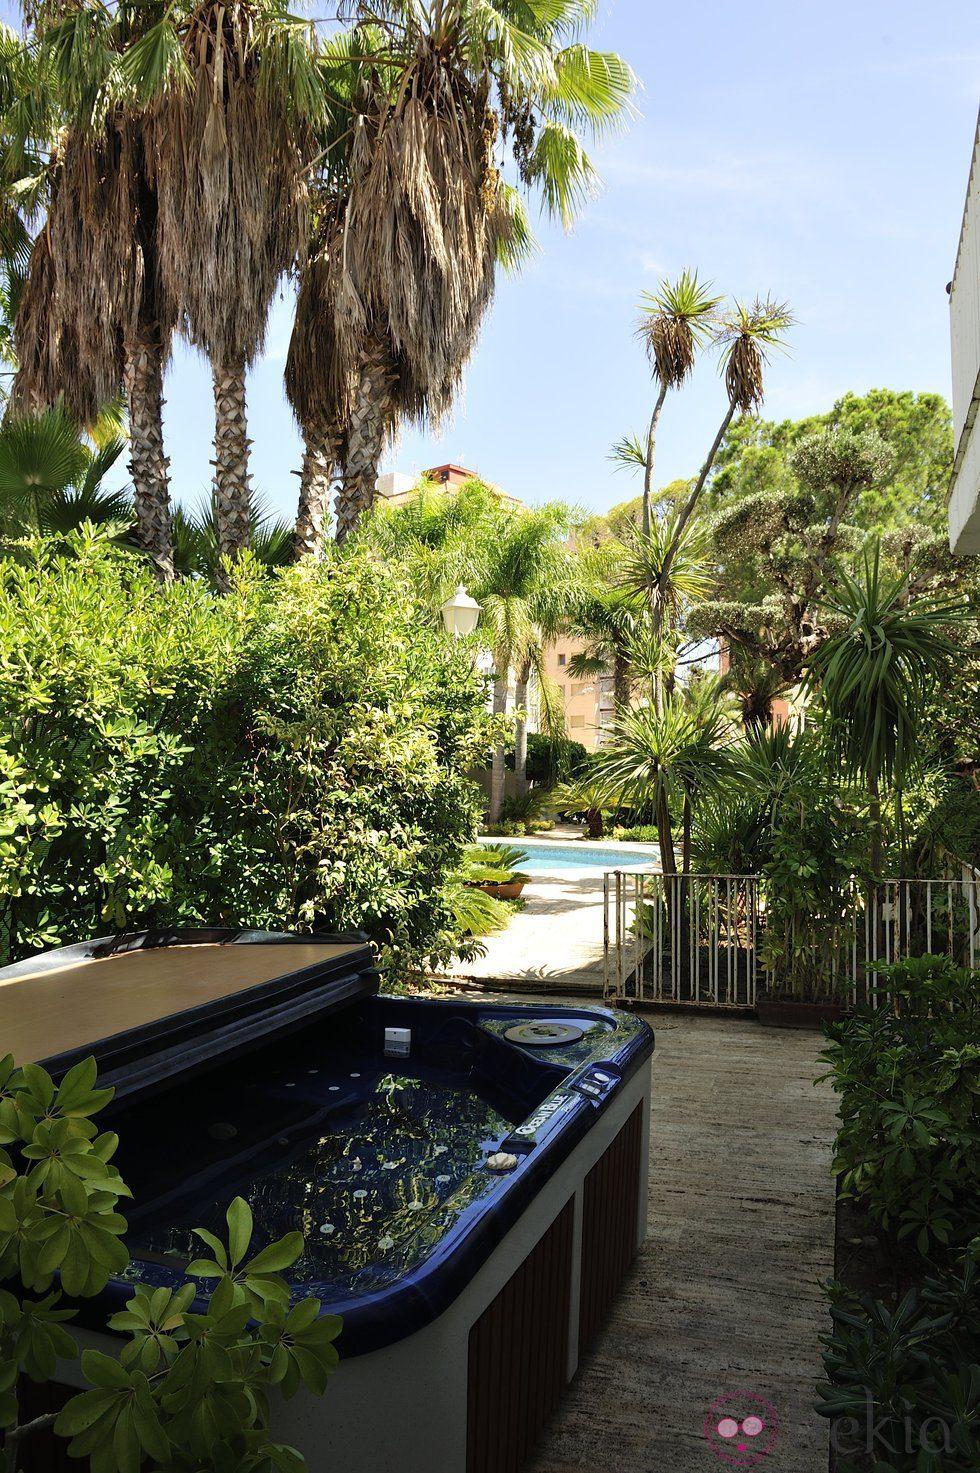 Vistas del jacuzzi y la piscina de la casa de 39 gand a - La casa del pintor gandia ...